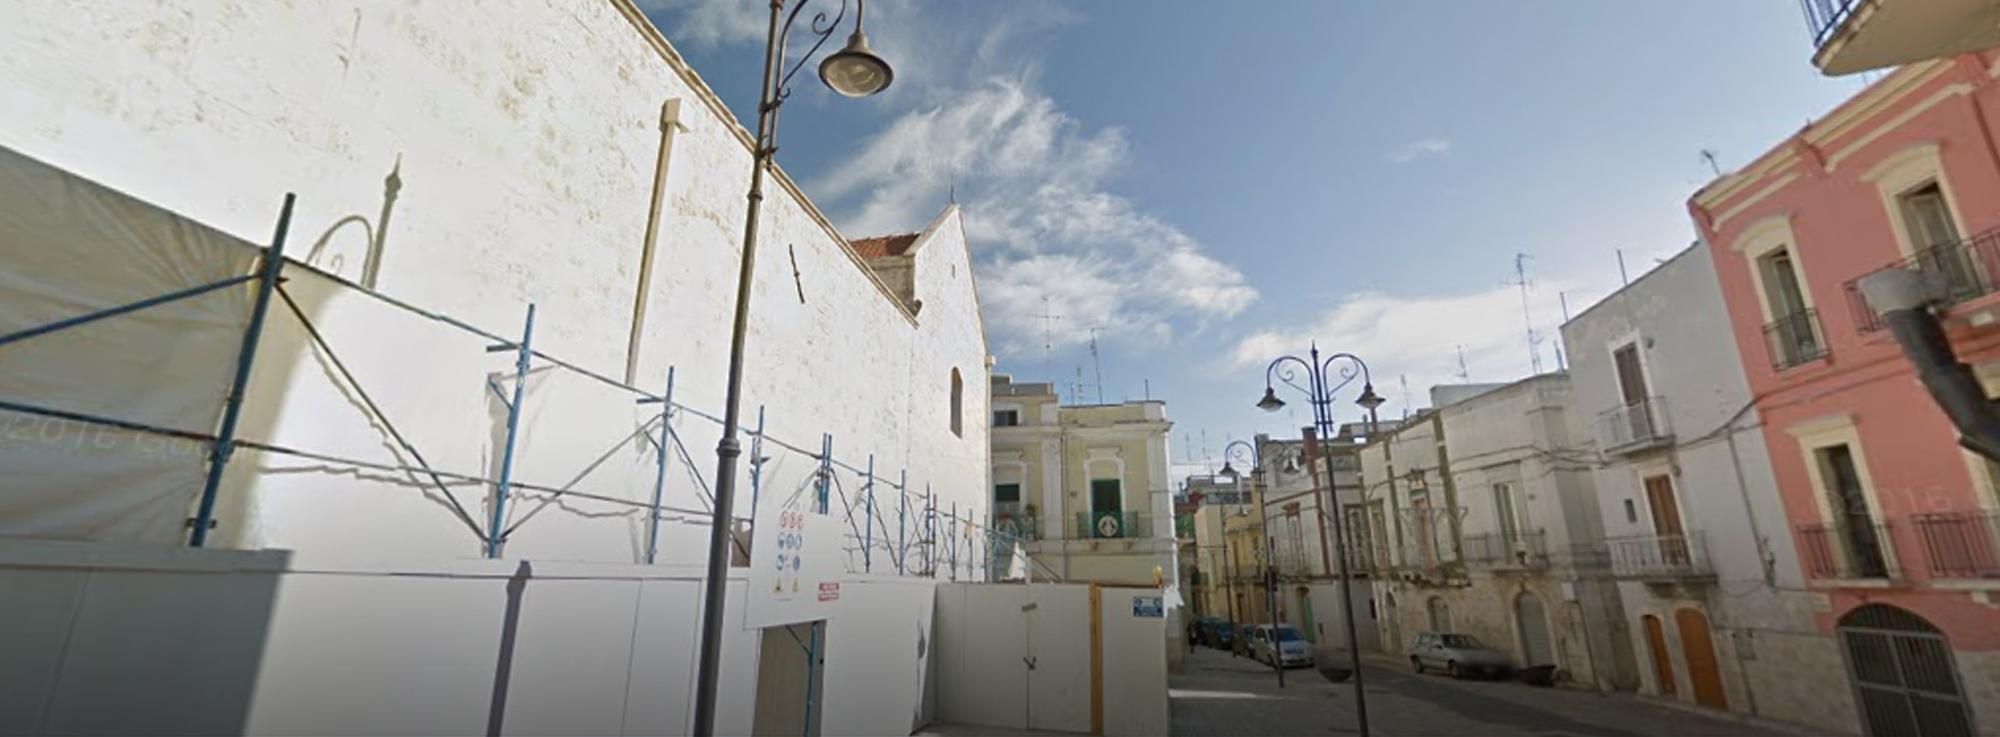 Noicattaro: Festeggiamenti in onore di San Rocco